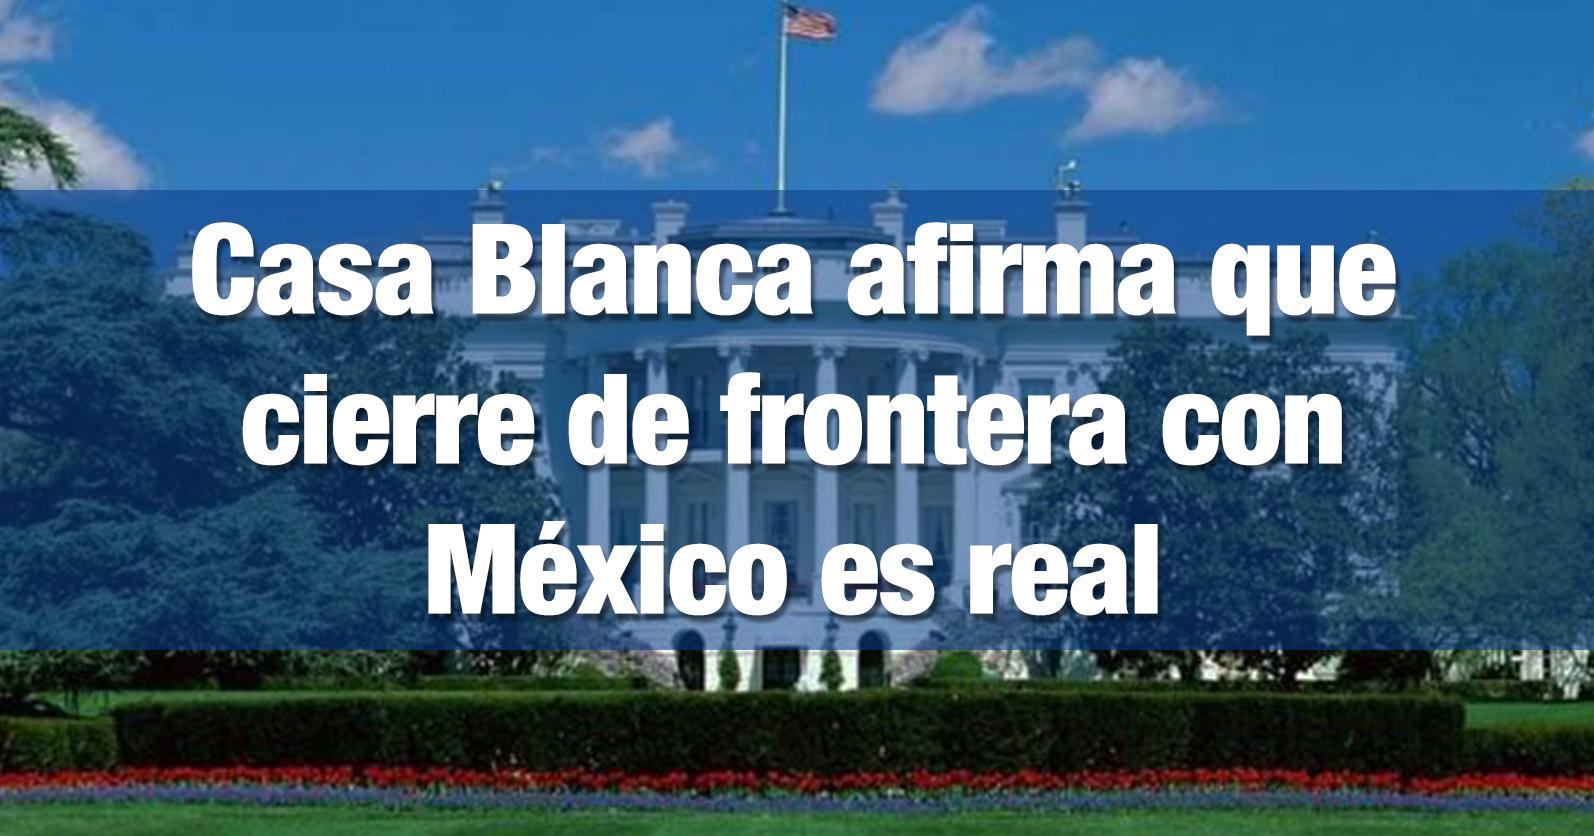 Casa Blanca afirma que cierre de frontera con México es real